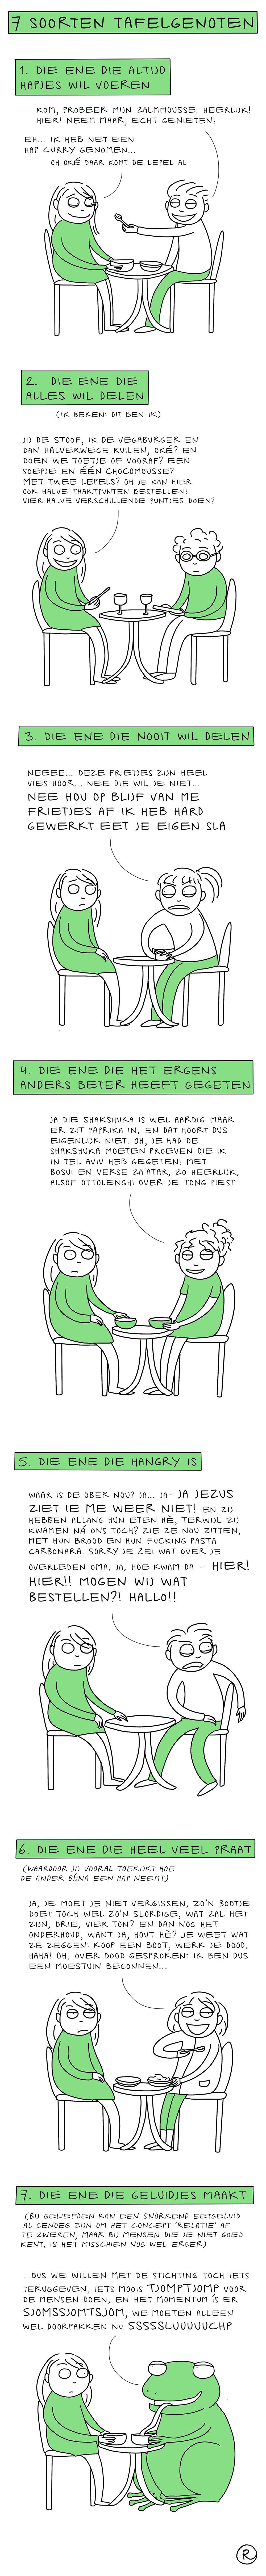 tafelgenoten online.jpg